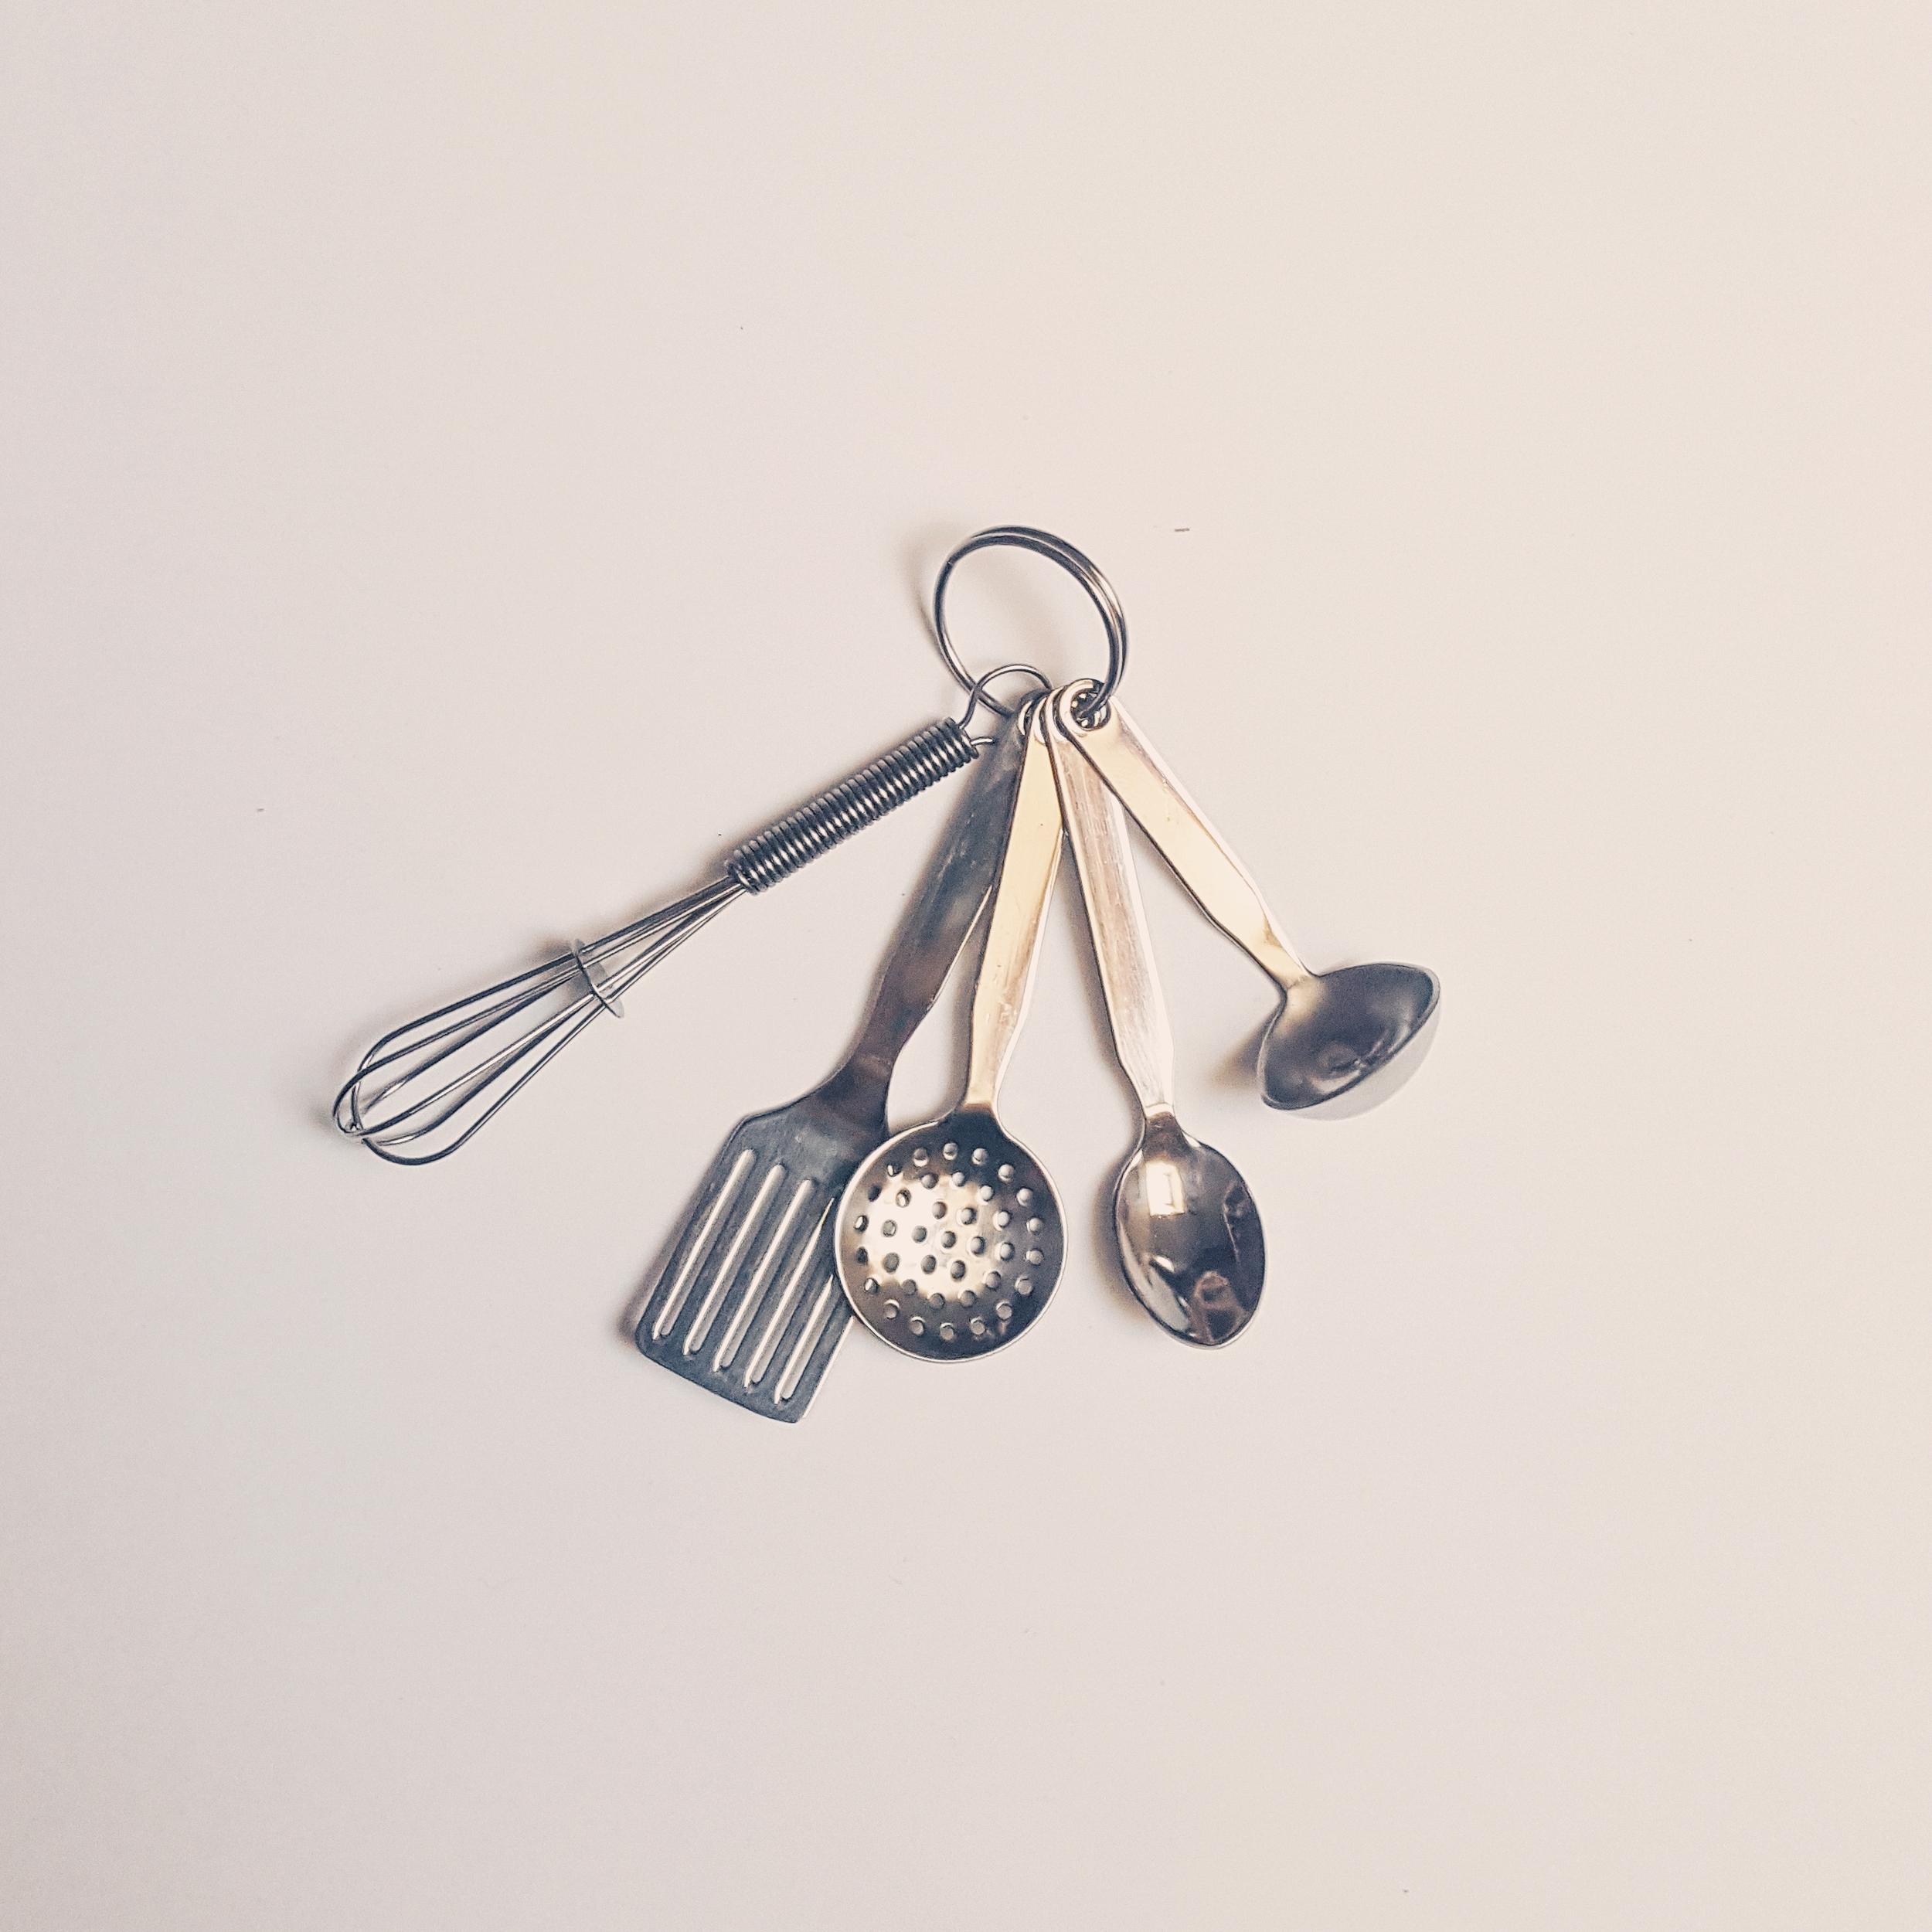 Ustensiles miniatures en inox